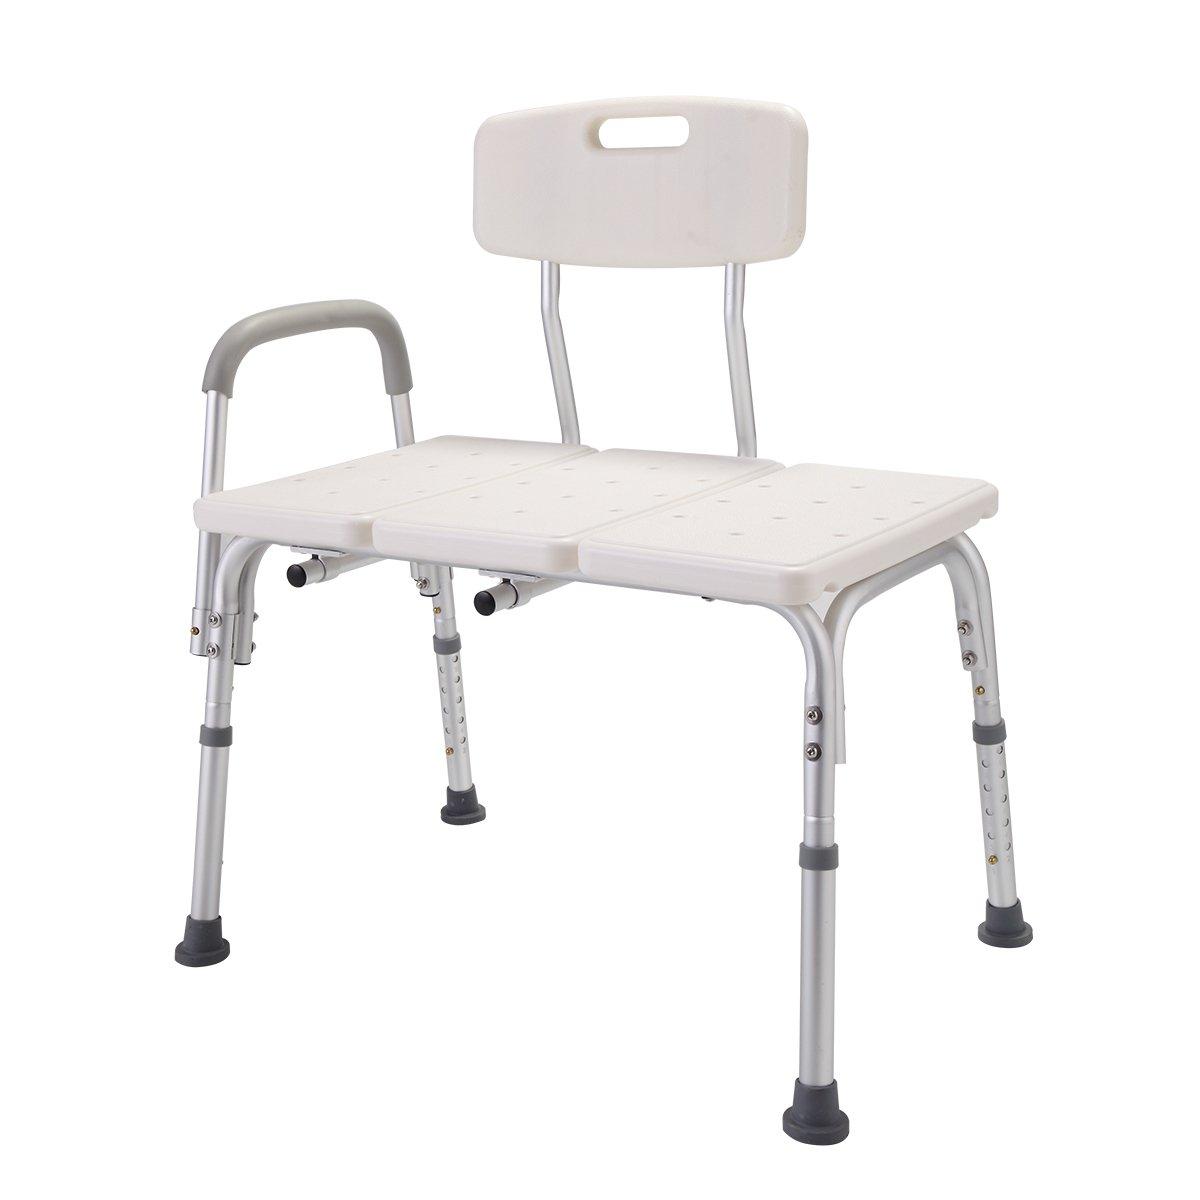 lazymoonホワイト医療シャワーチェア10高さ調節可能なバスタブ転送シートベンチW / Back andアームレスト   B074DXW66B